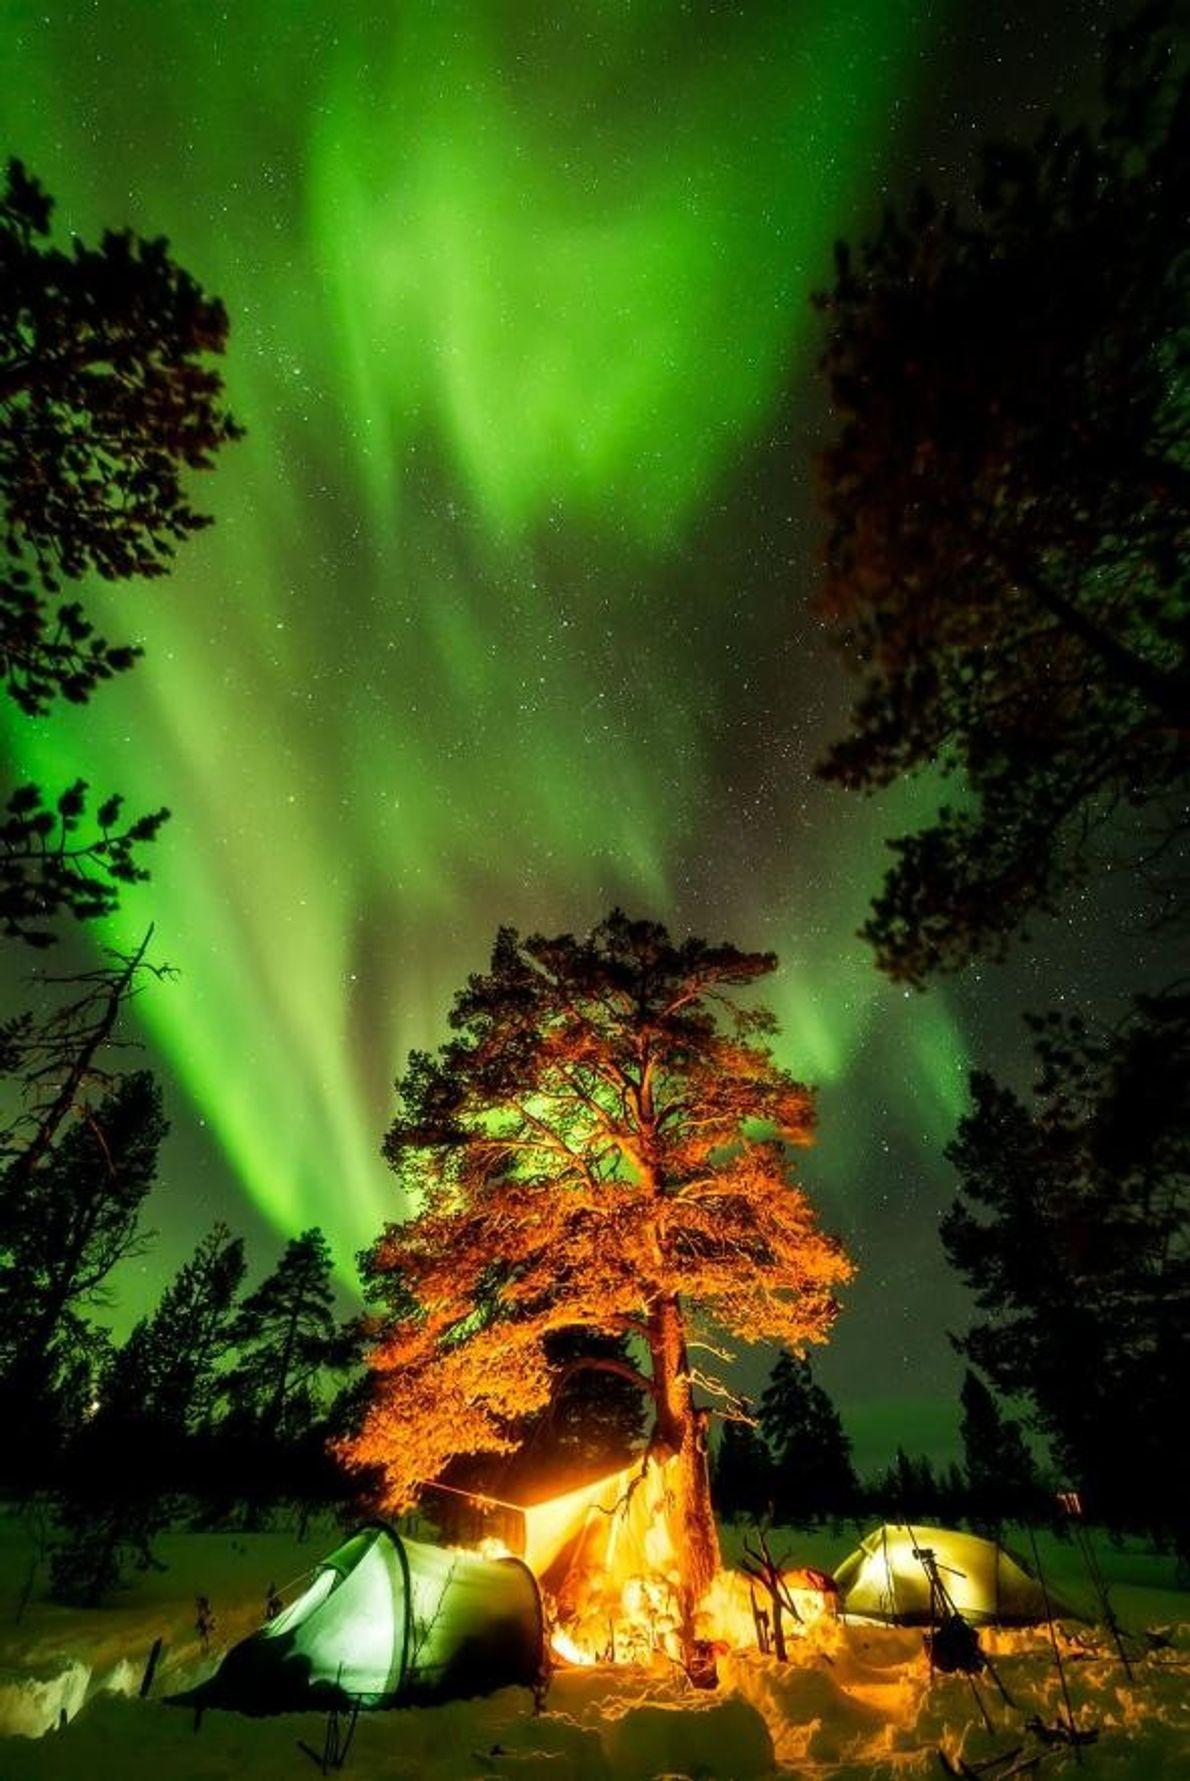 En Finlande, à 250 km au nord du cercle arctique, le ciel de Lemmenjokine, en Laponie, ...